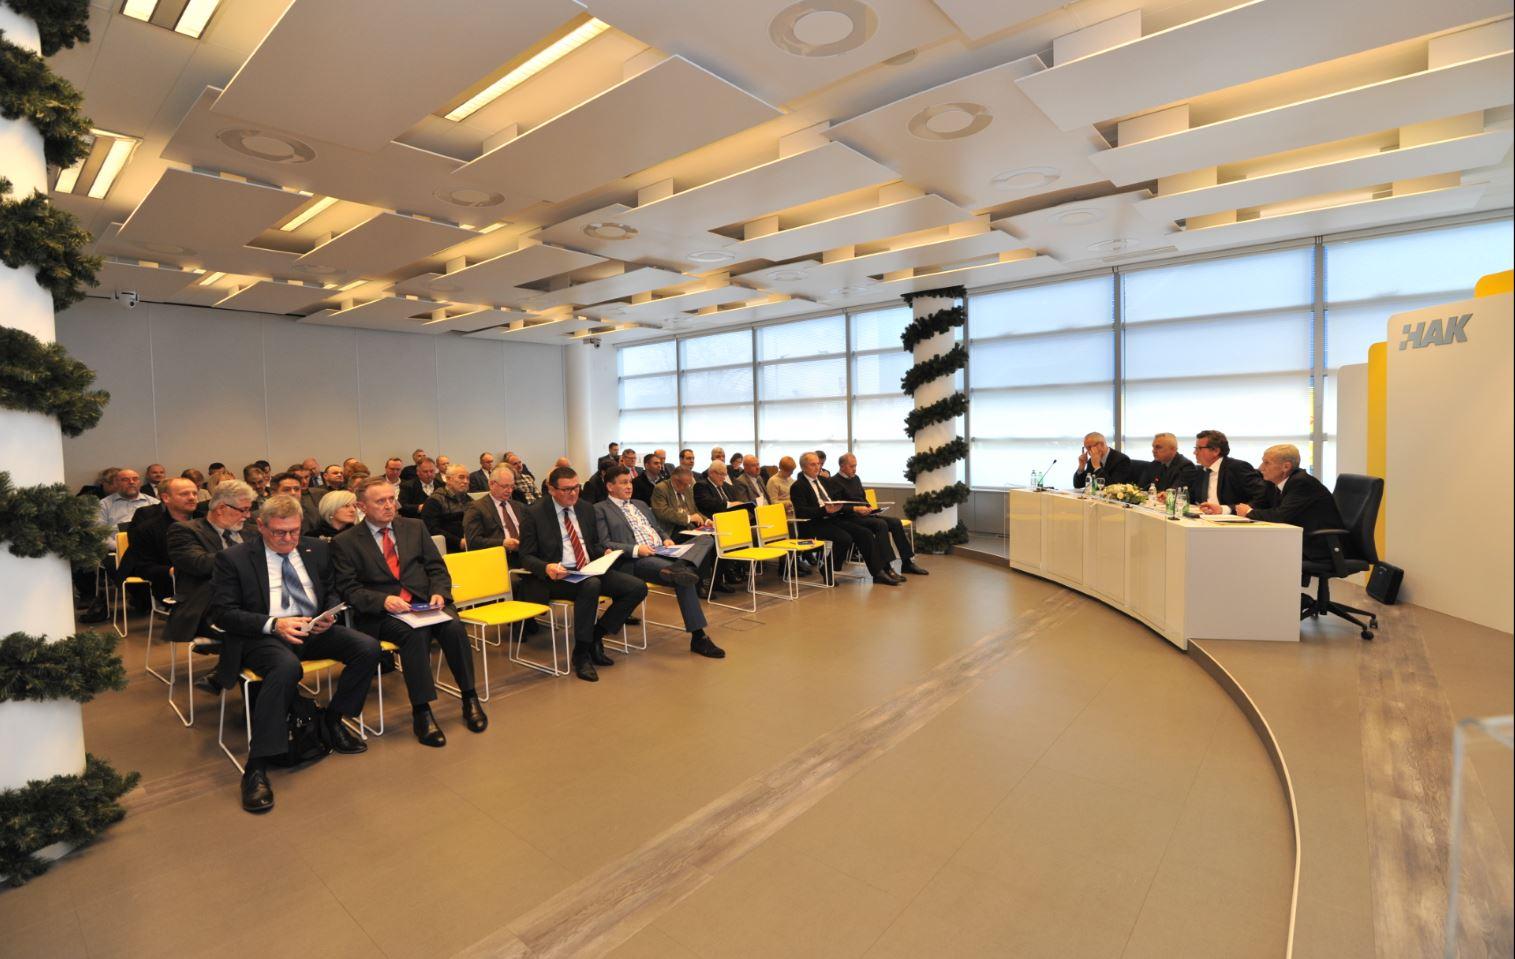 Skupština Hrvatskog autokluba, 29. prosinca 2017.